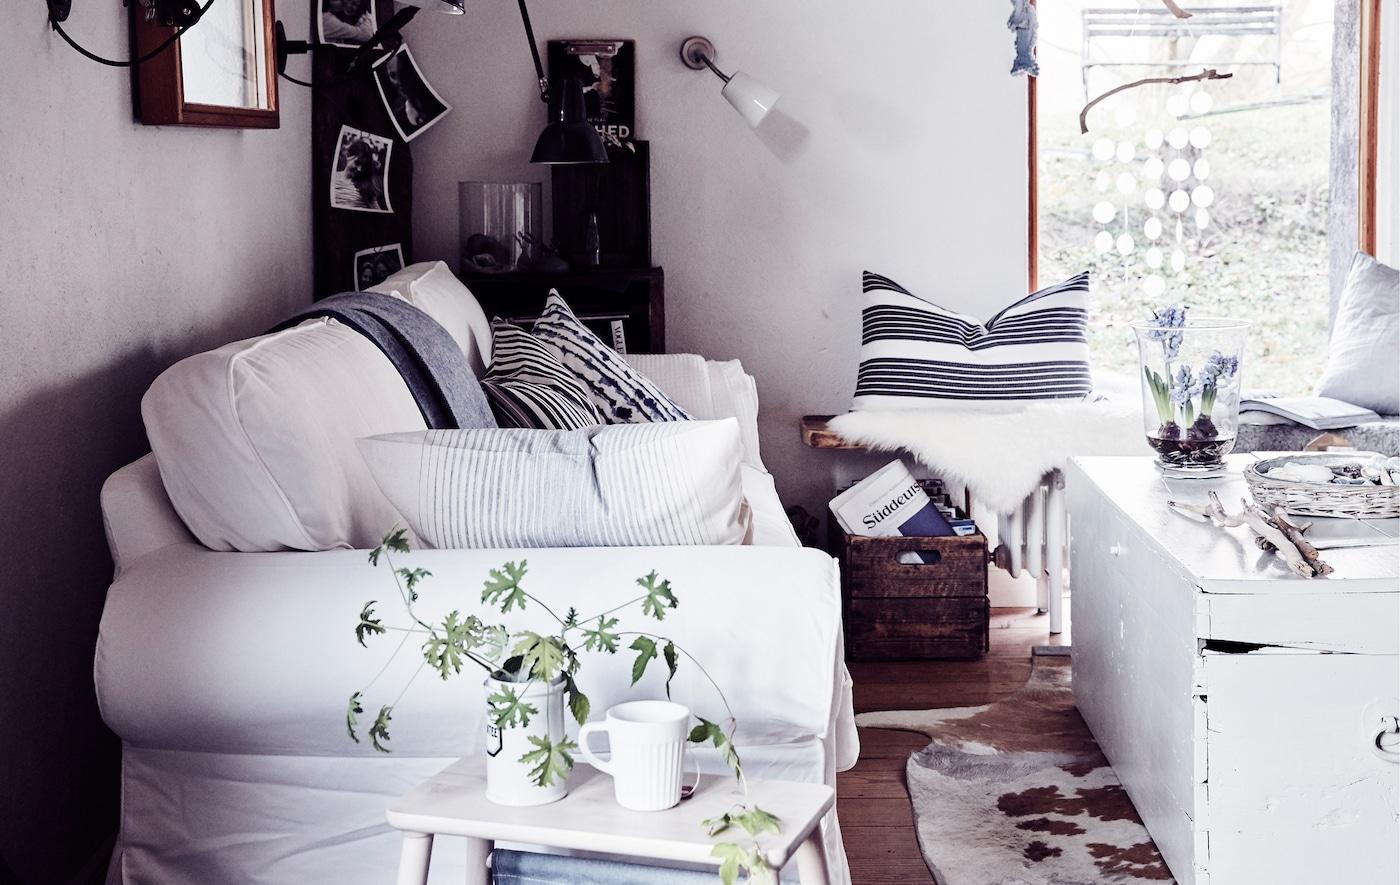 Um sofá branco de estilo tradicional numa sala, com almofadas às riscas, um baú de madeira vintage e materiais naturais.